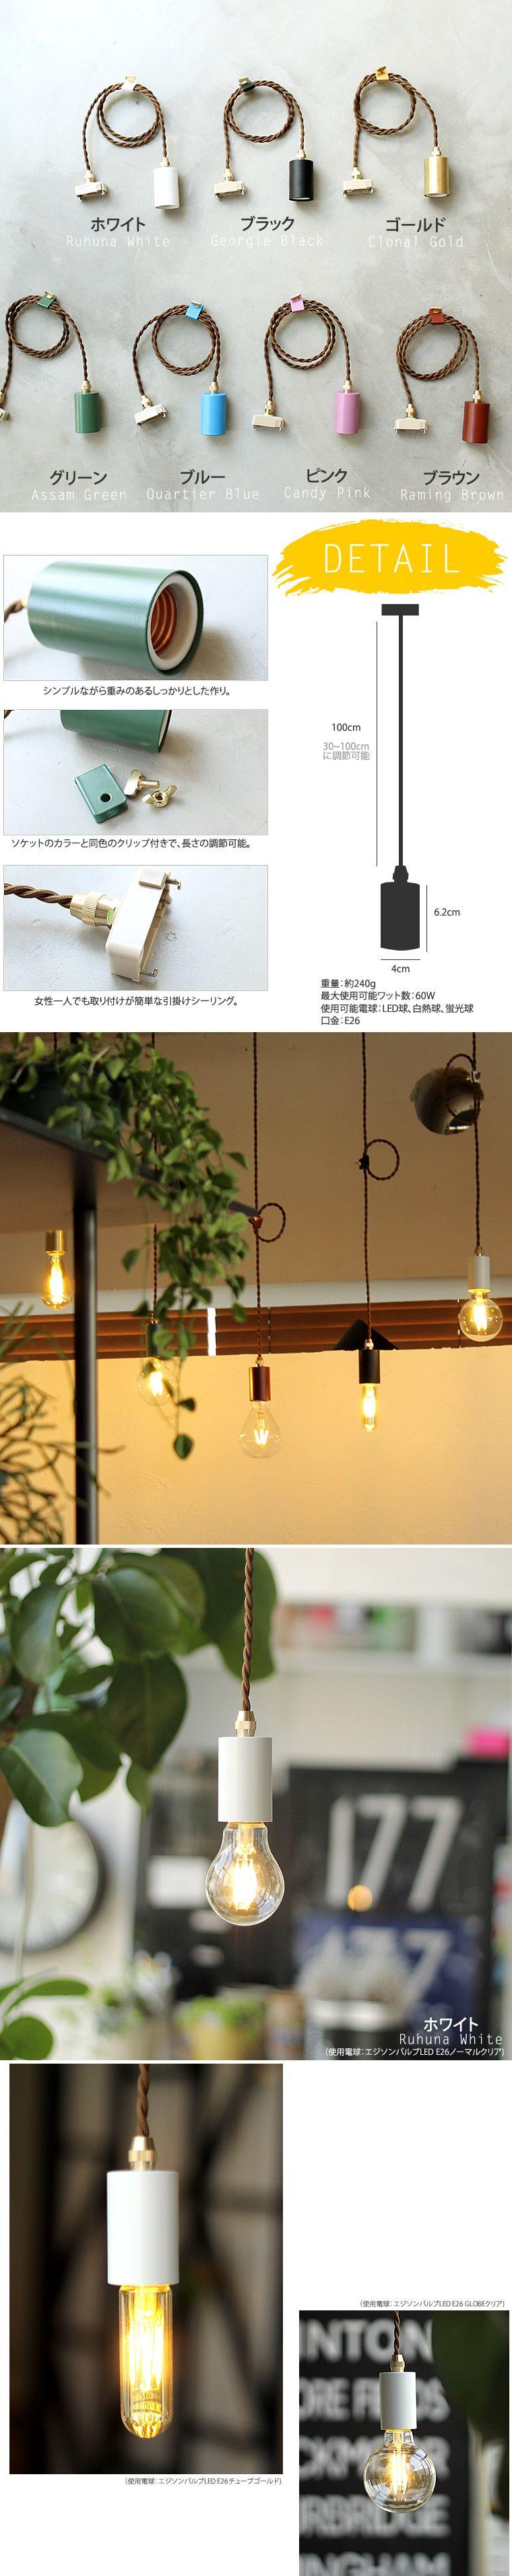 楽天市場 E26 30 100cm 1灯用 ロンドンライト ダクトレール用